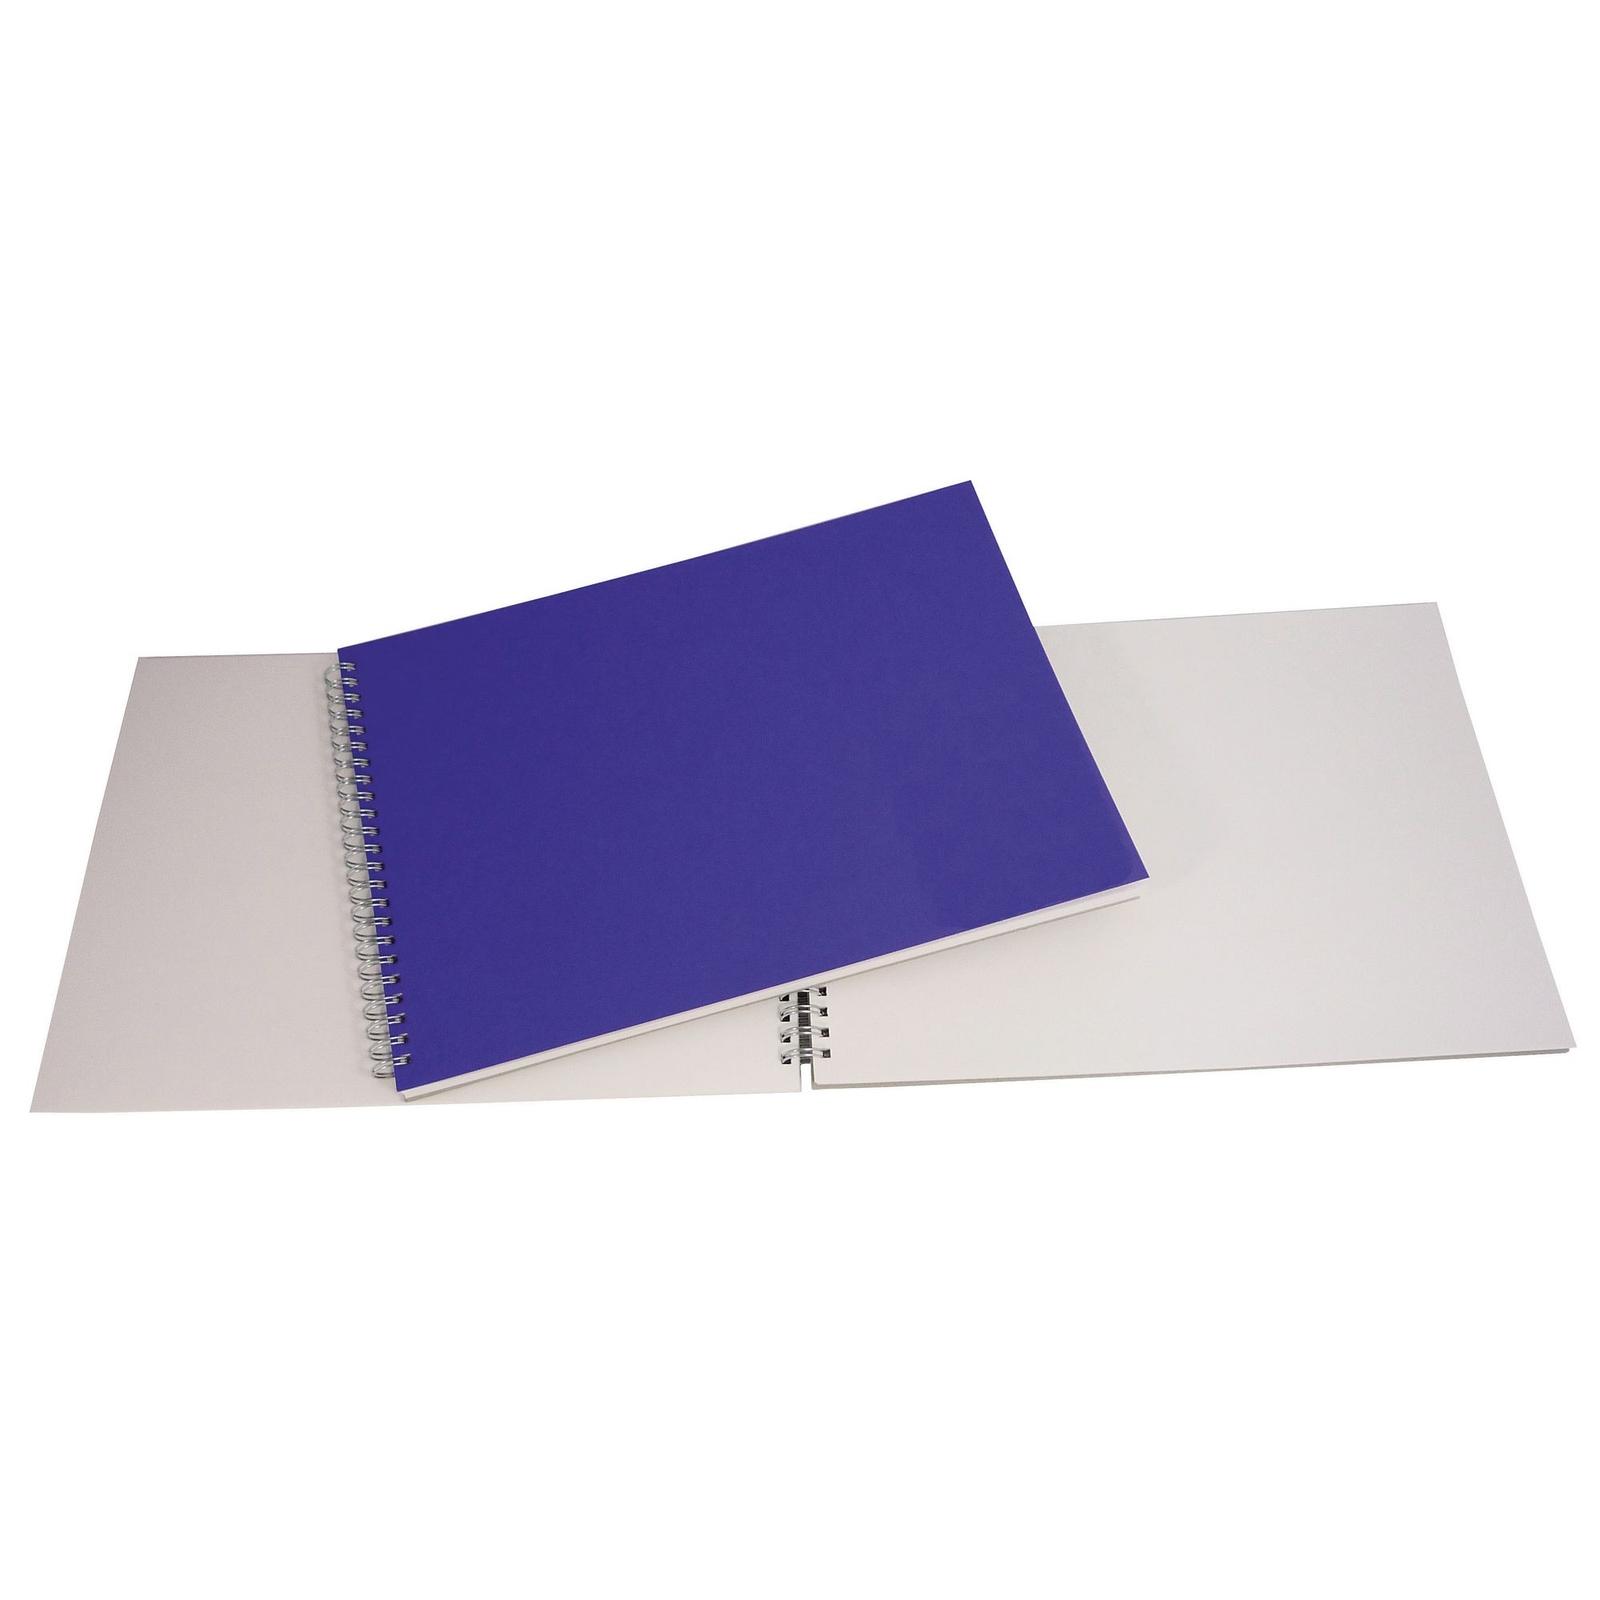 Spiral Sketchbooks - Landscape - A3 - White Paper